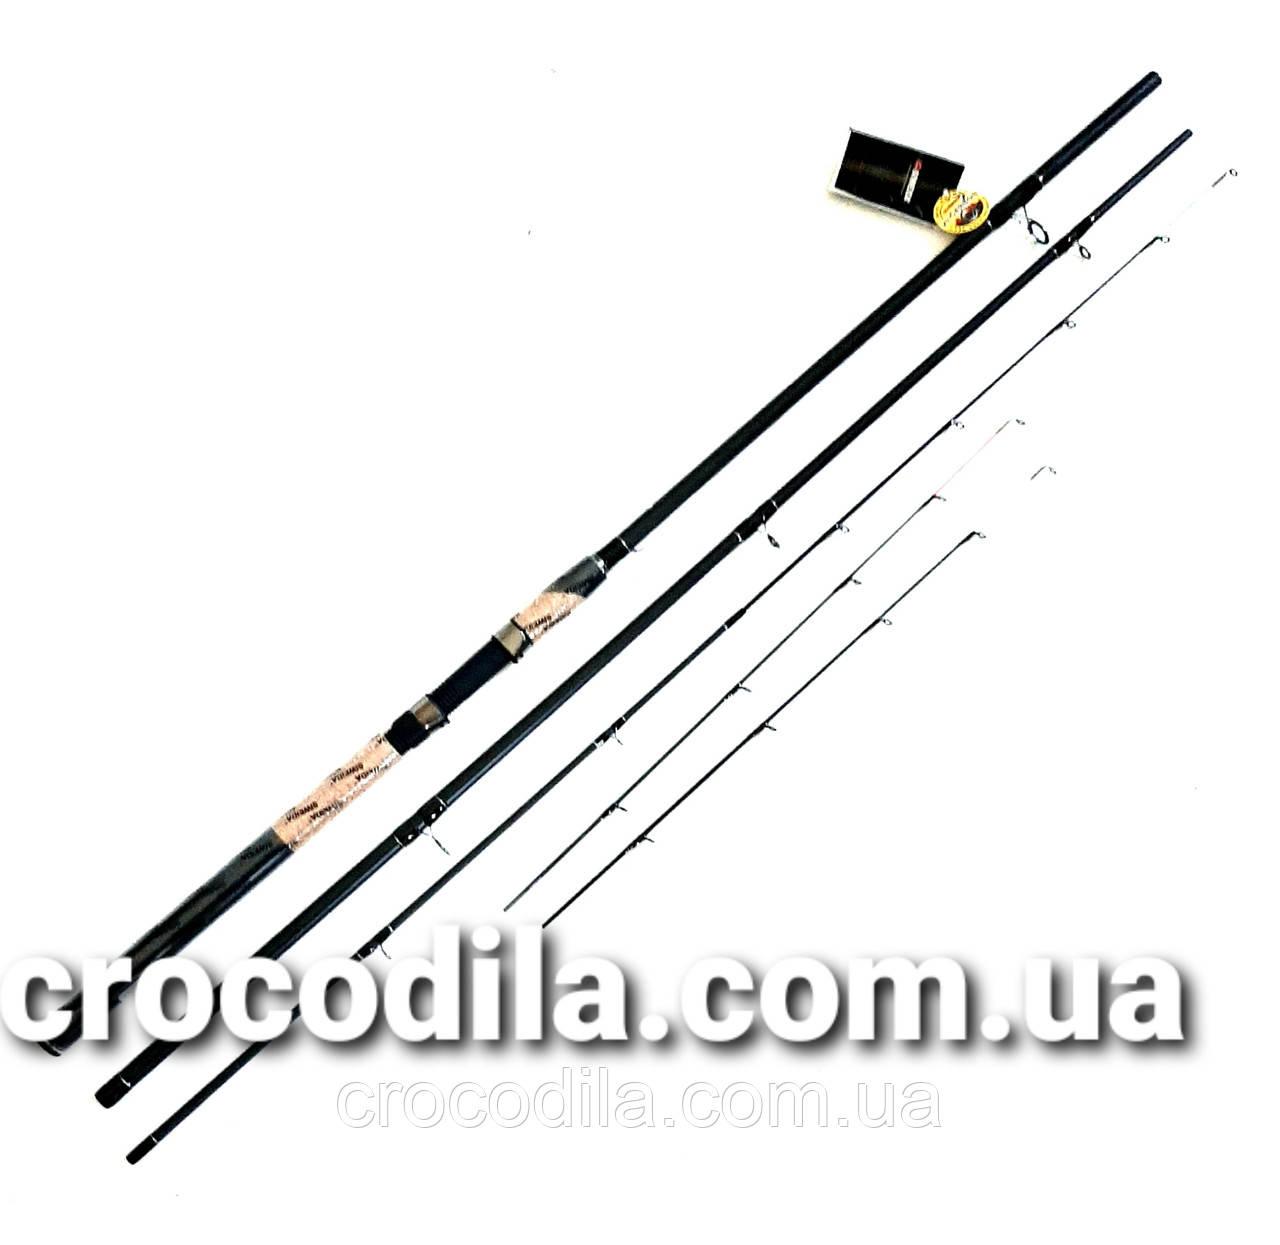 Фидерное удилище Siweida Carbon Bird Feeder 3.3 м 180 грамм